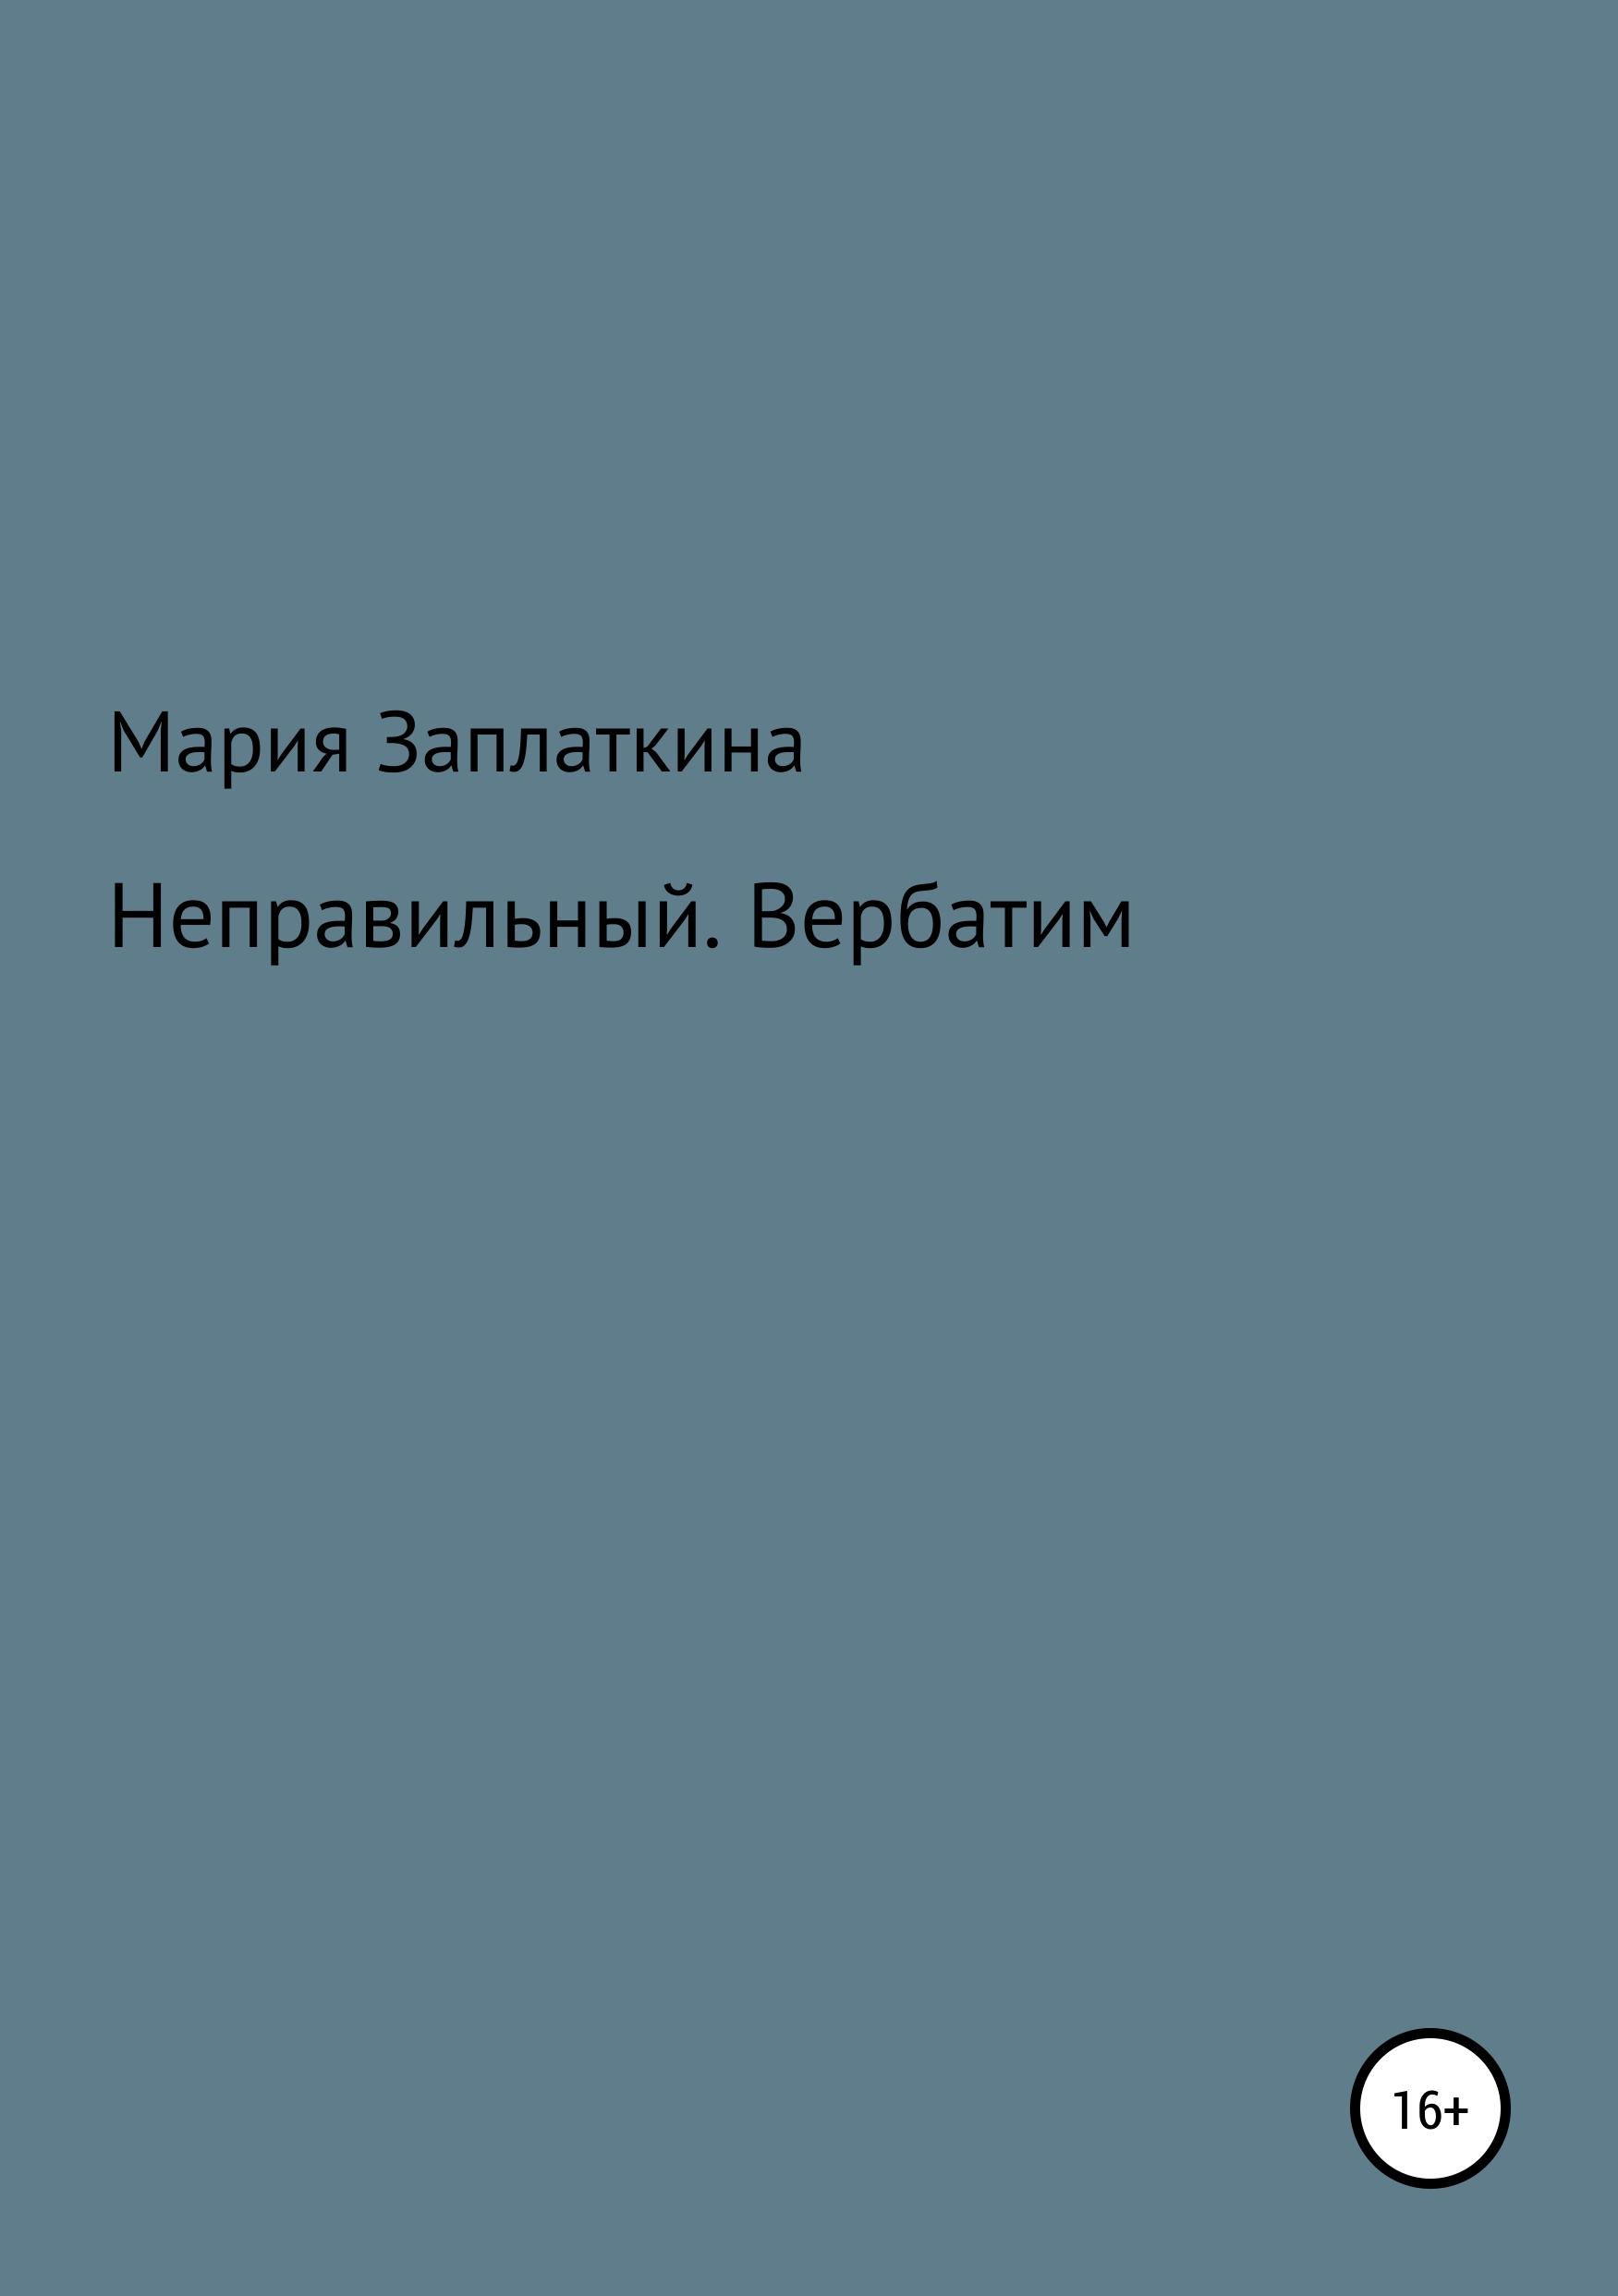 Мария Анатольевна Заплаткина Неправильный. Вербатим